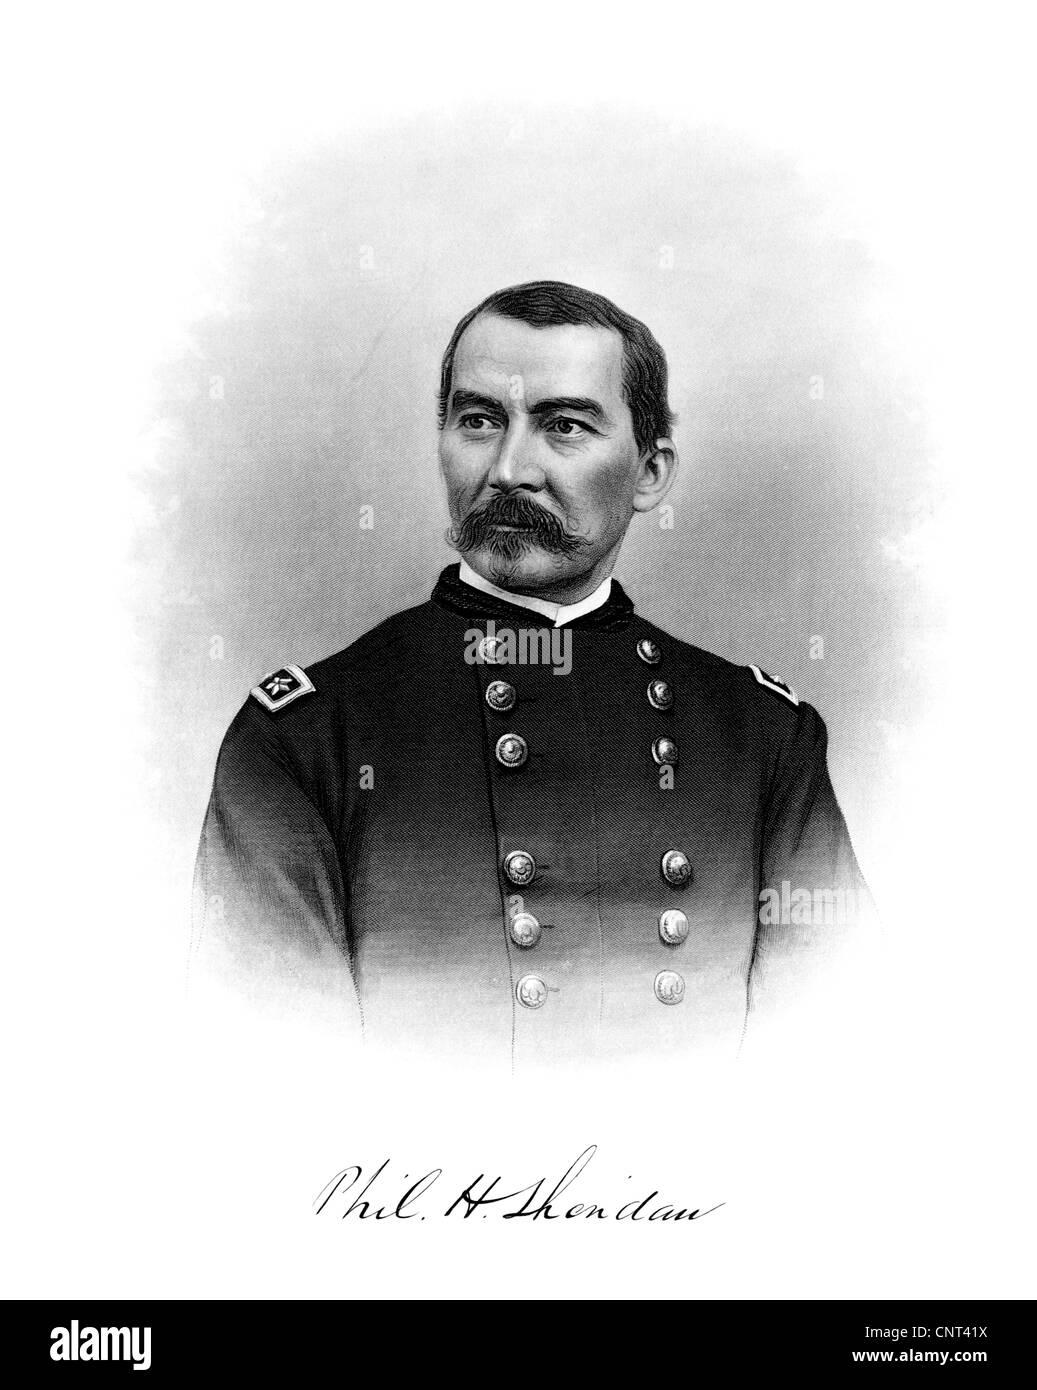 Vintage Bürgerkrieg Print von General Philip Sheridan und seine Unterschrift. Stockbild